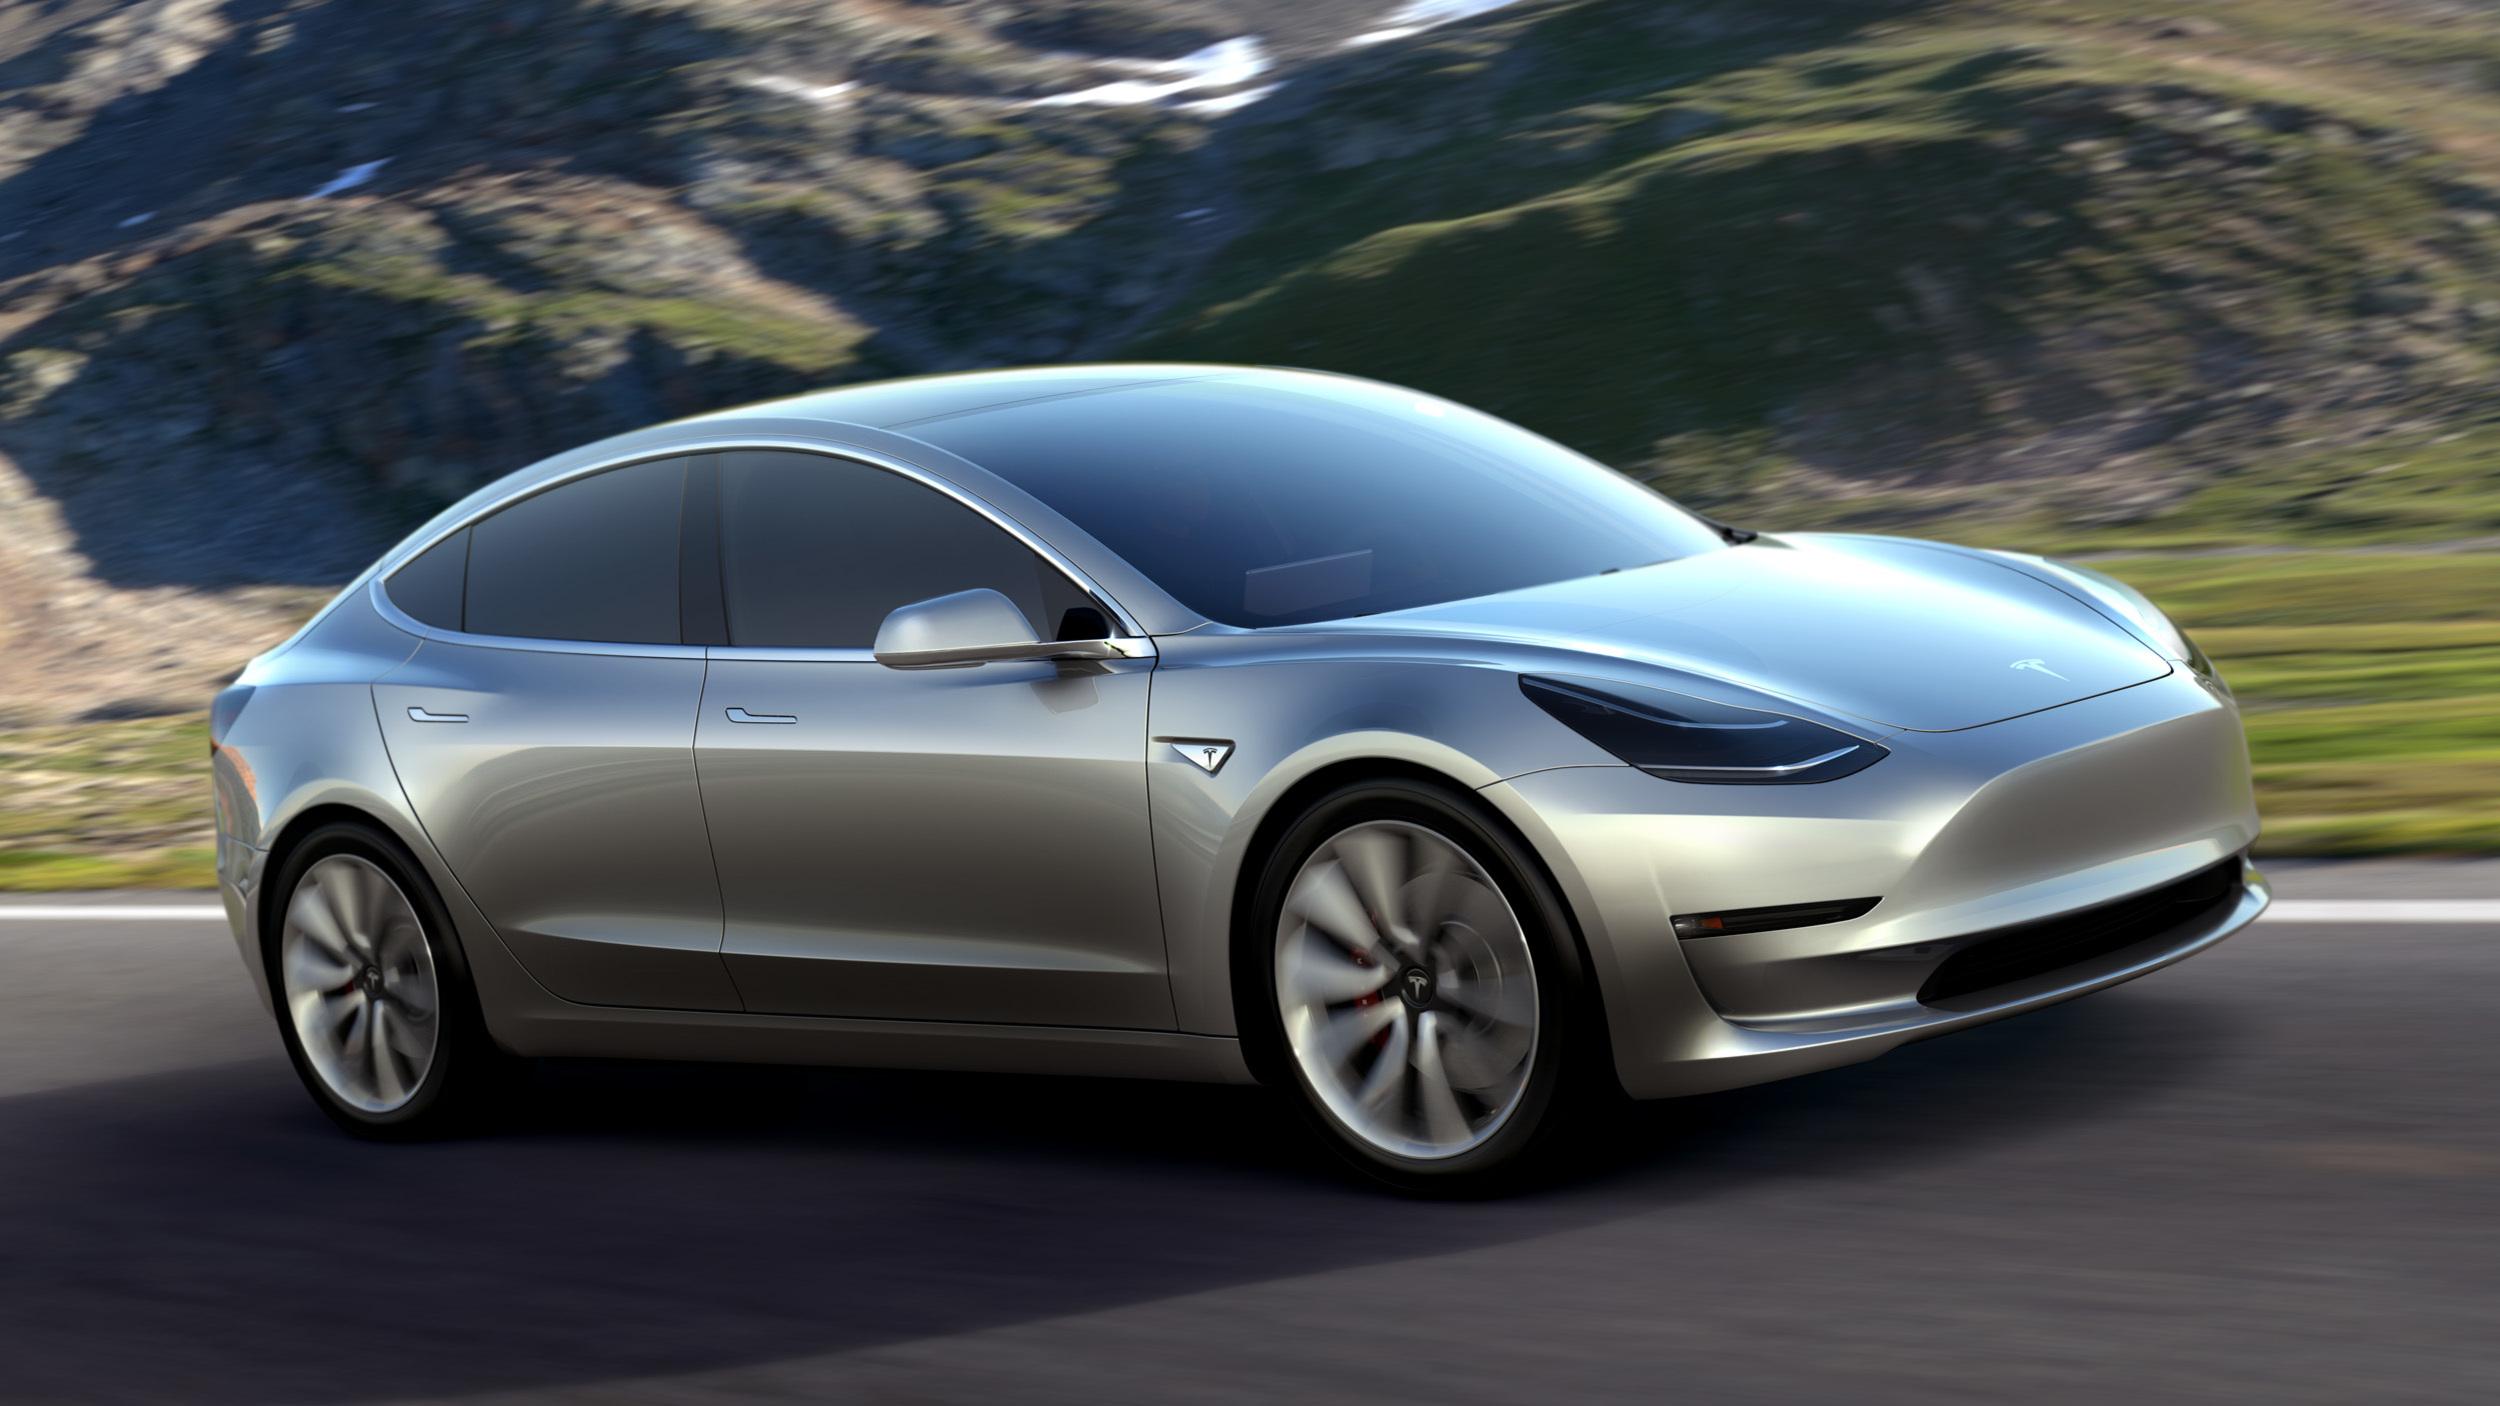 テスラ、新型車「モデル3」の納車を7月28日に開始すると発表し株価が上昇